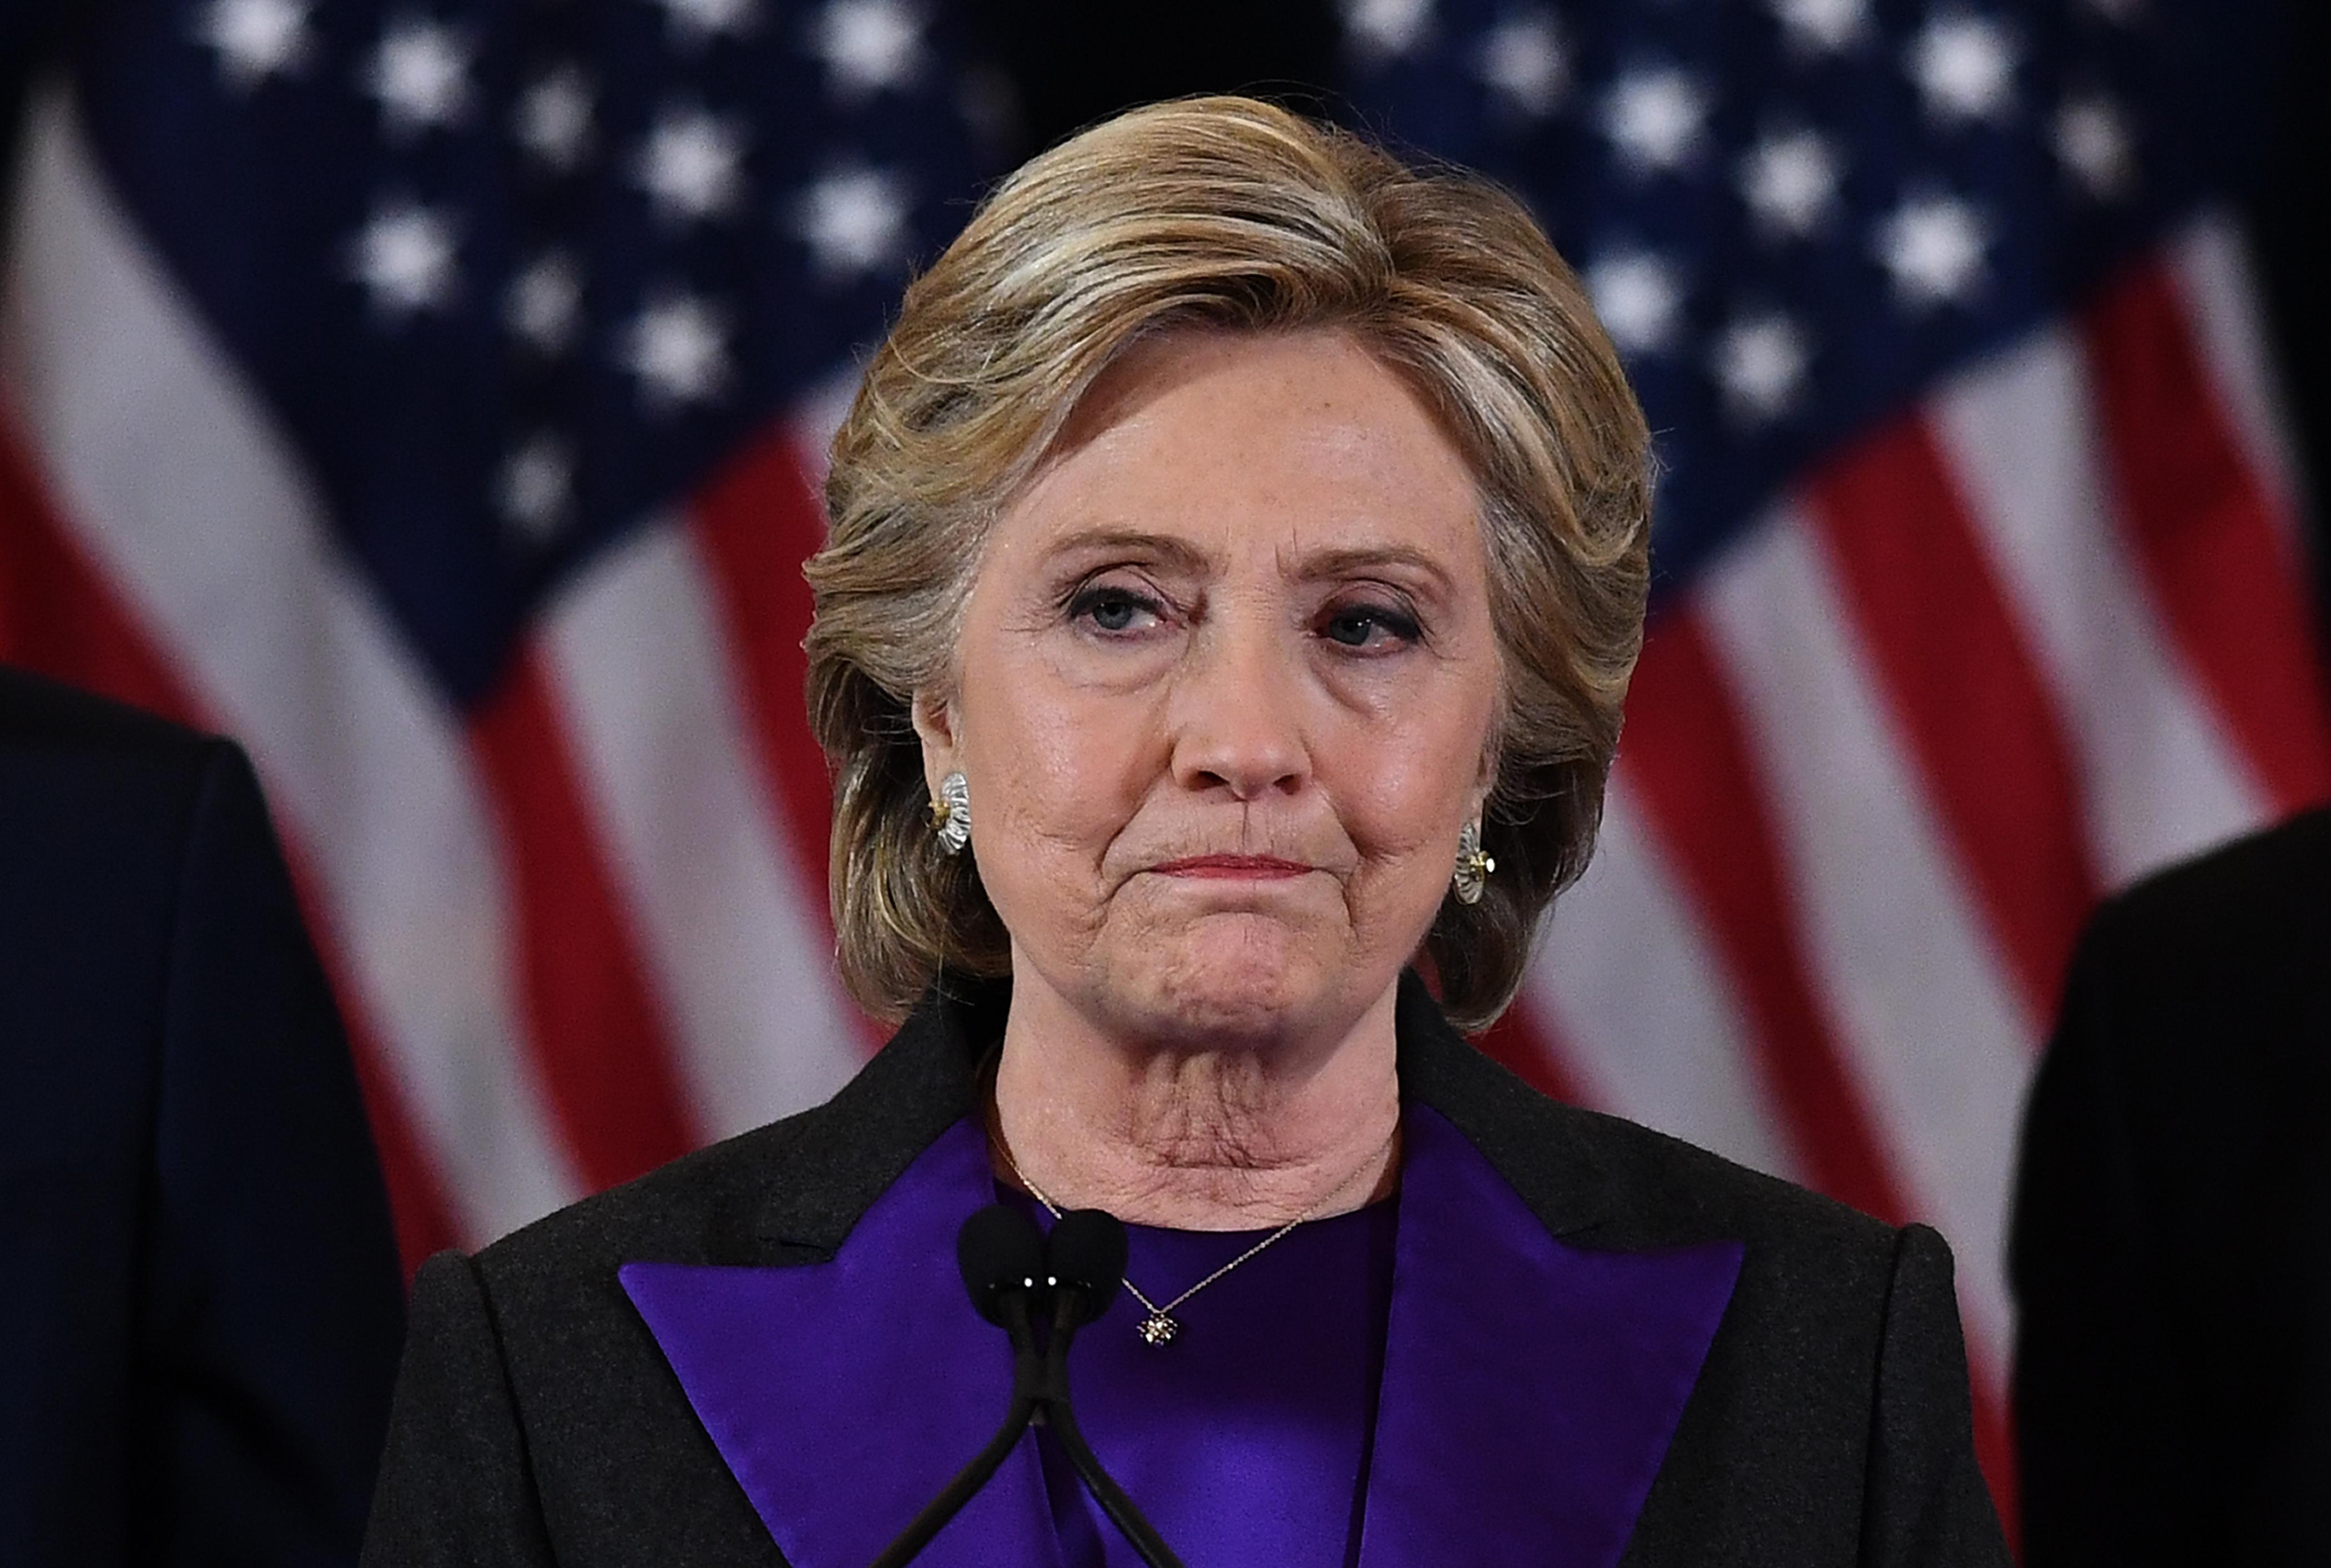 Hillary Clinton szerint Európának szigorúbban kellene kezelnie a migrációt